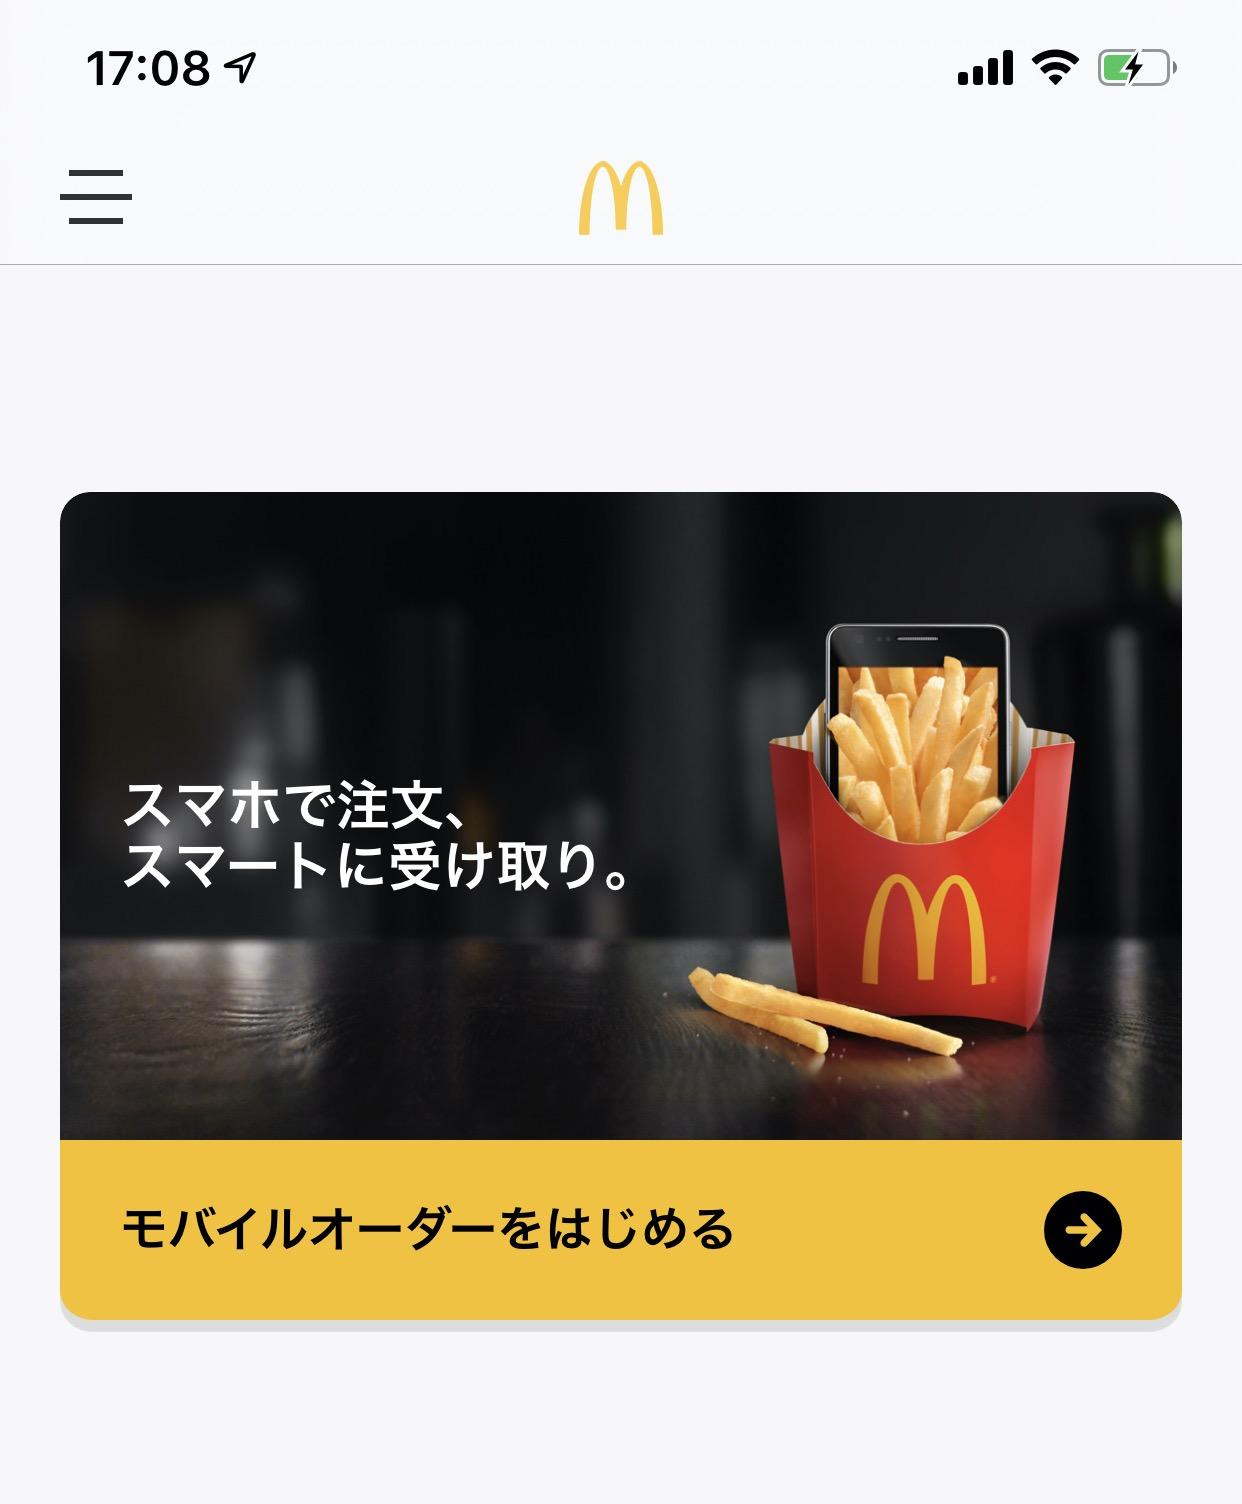 スマホアプリでマクドナルドが注文できる「モバイルオーダー」いよいよ全国展開!?